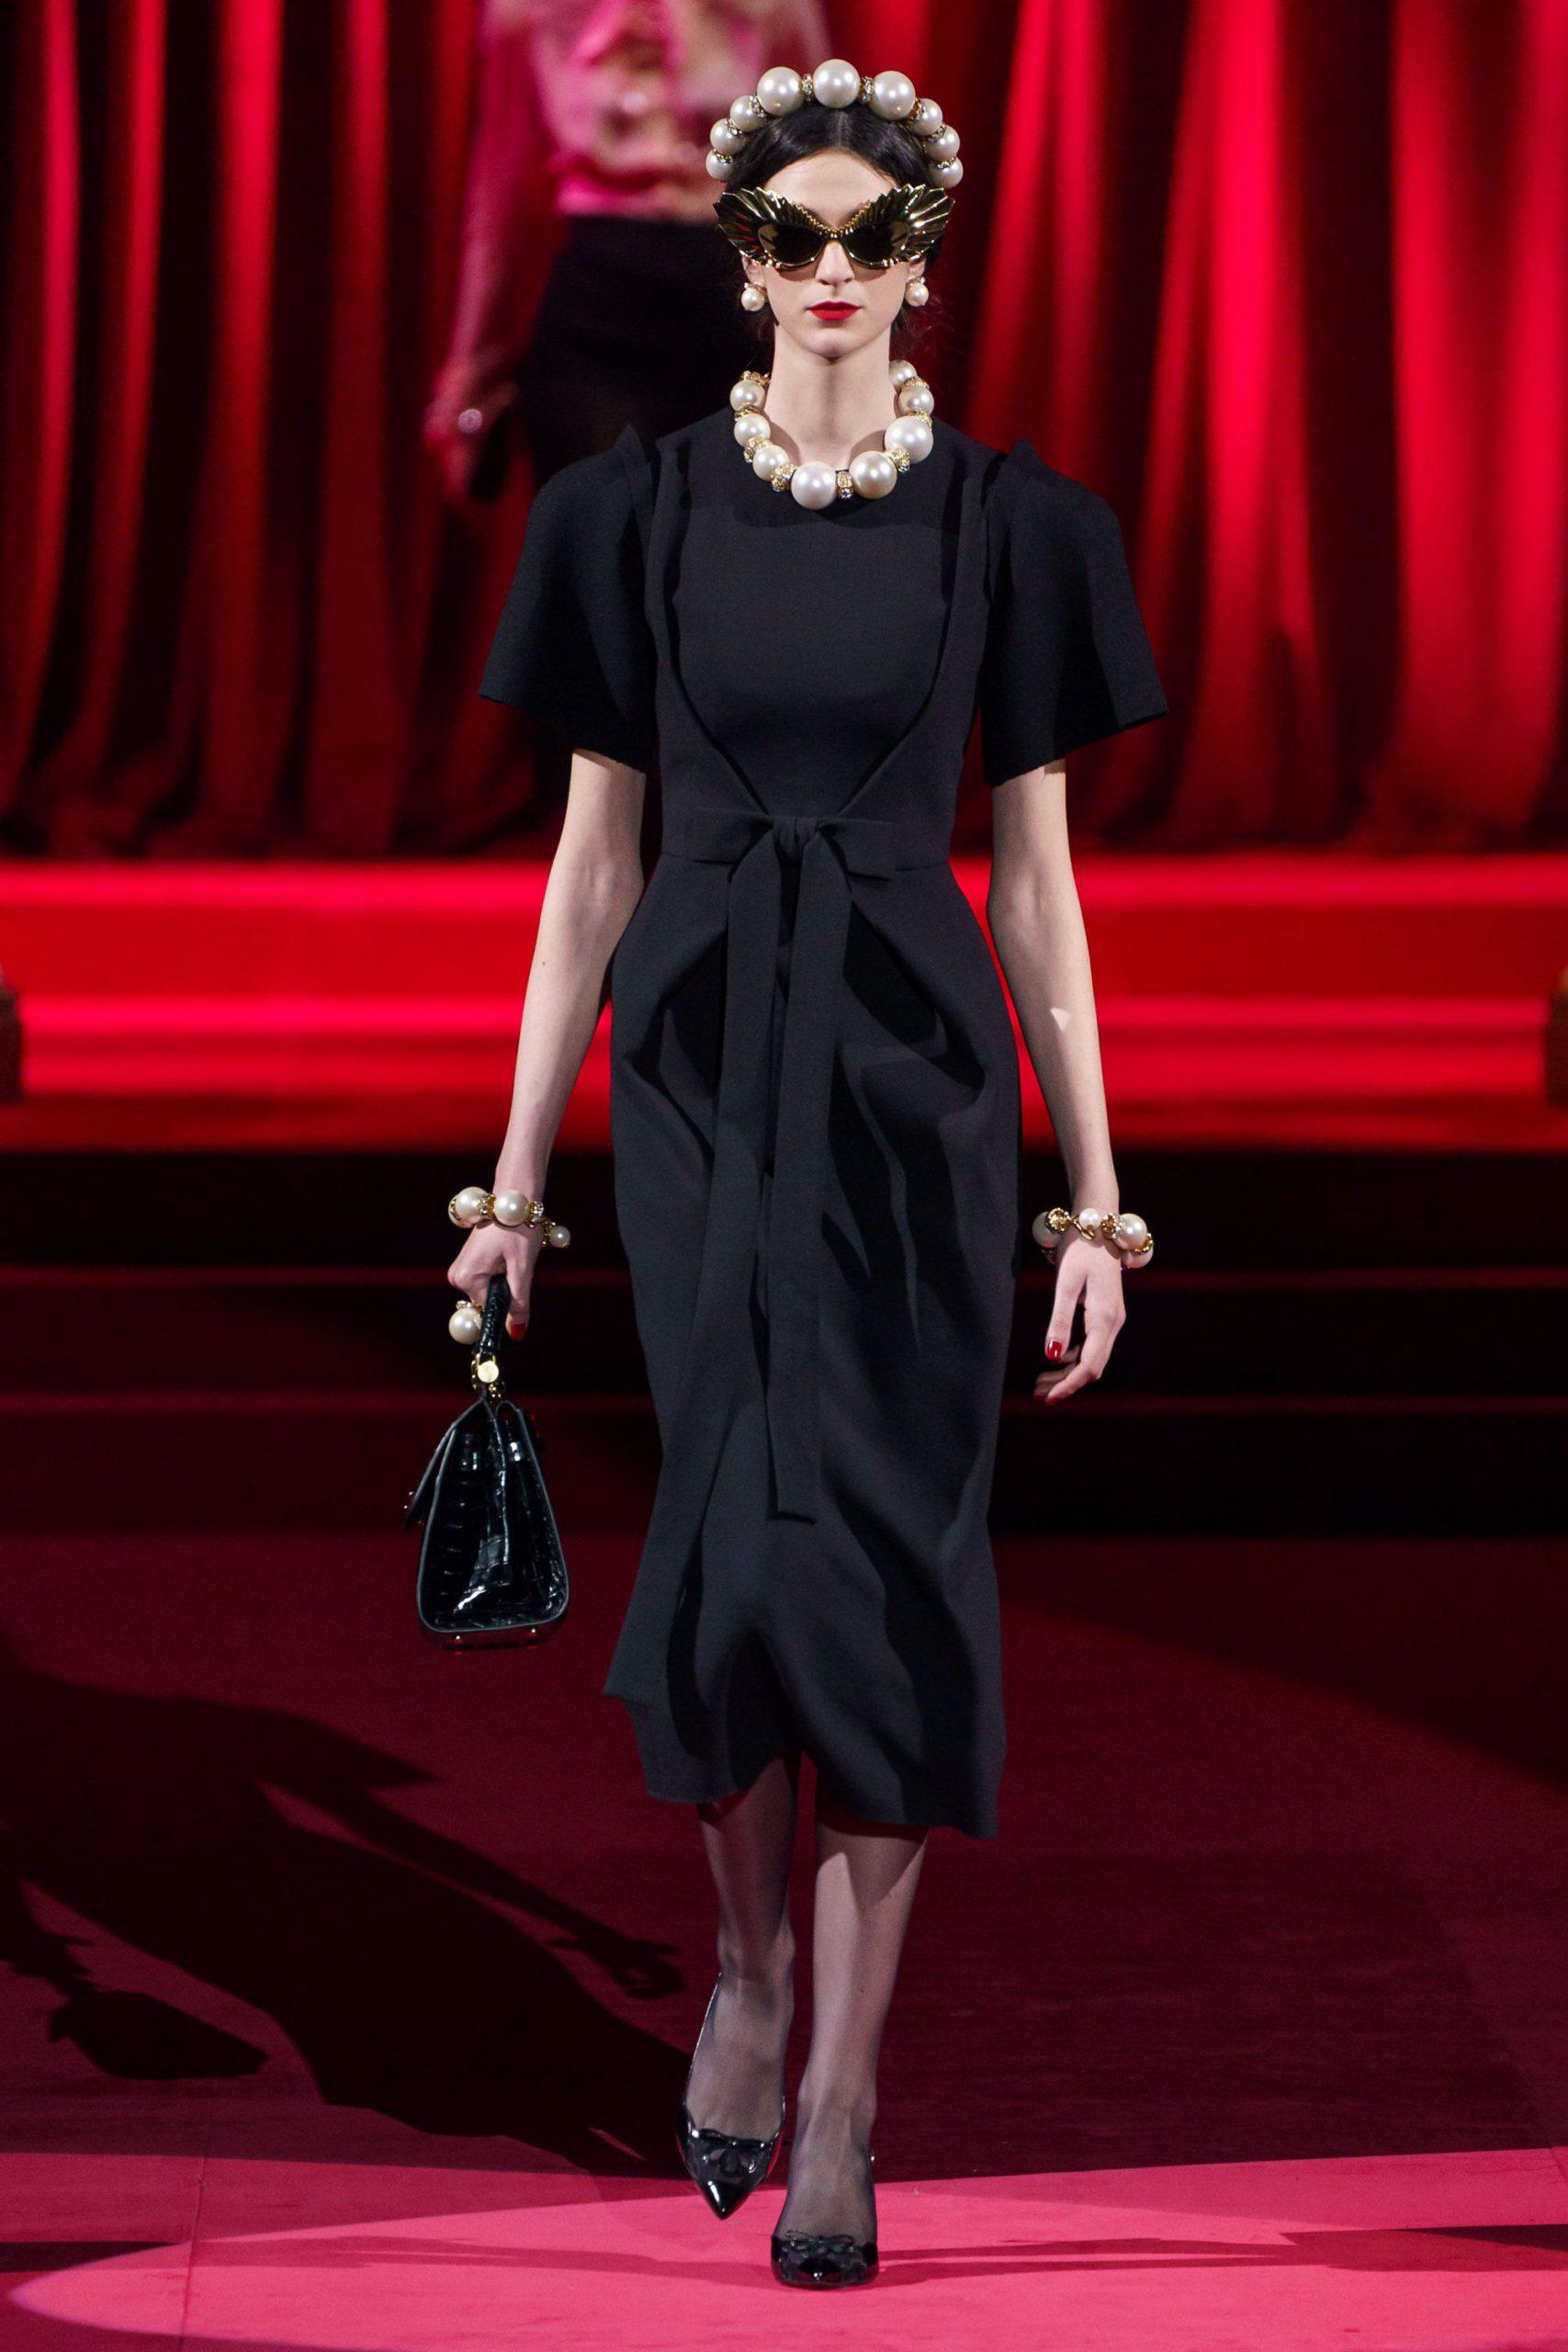 17 Schön D&G Abendkleider Design17 Wunderbar D&G Abendkleider Design